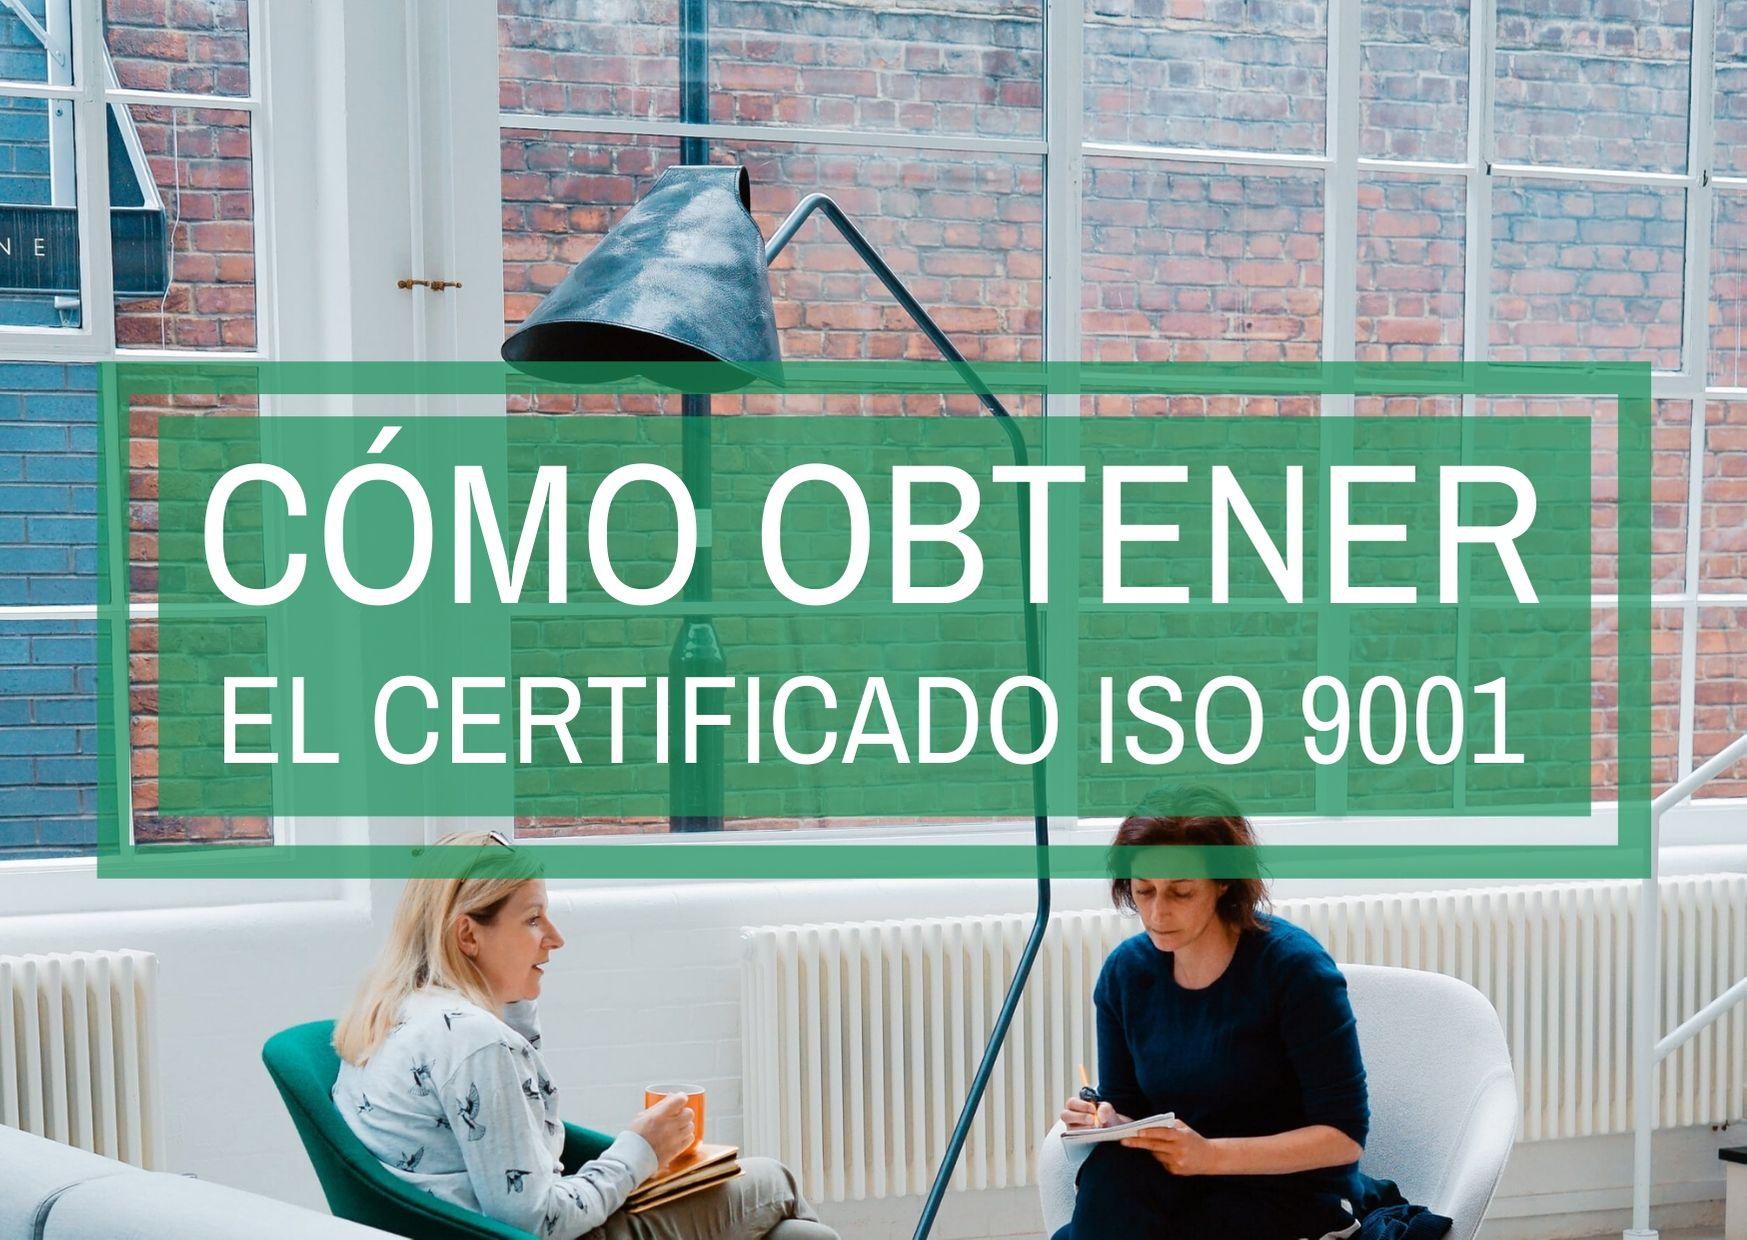 Cómo obtener el certificado iso 9001 en 2020, por SPG certificación